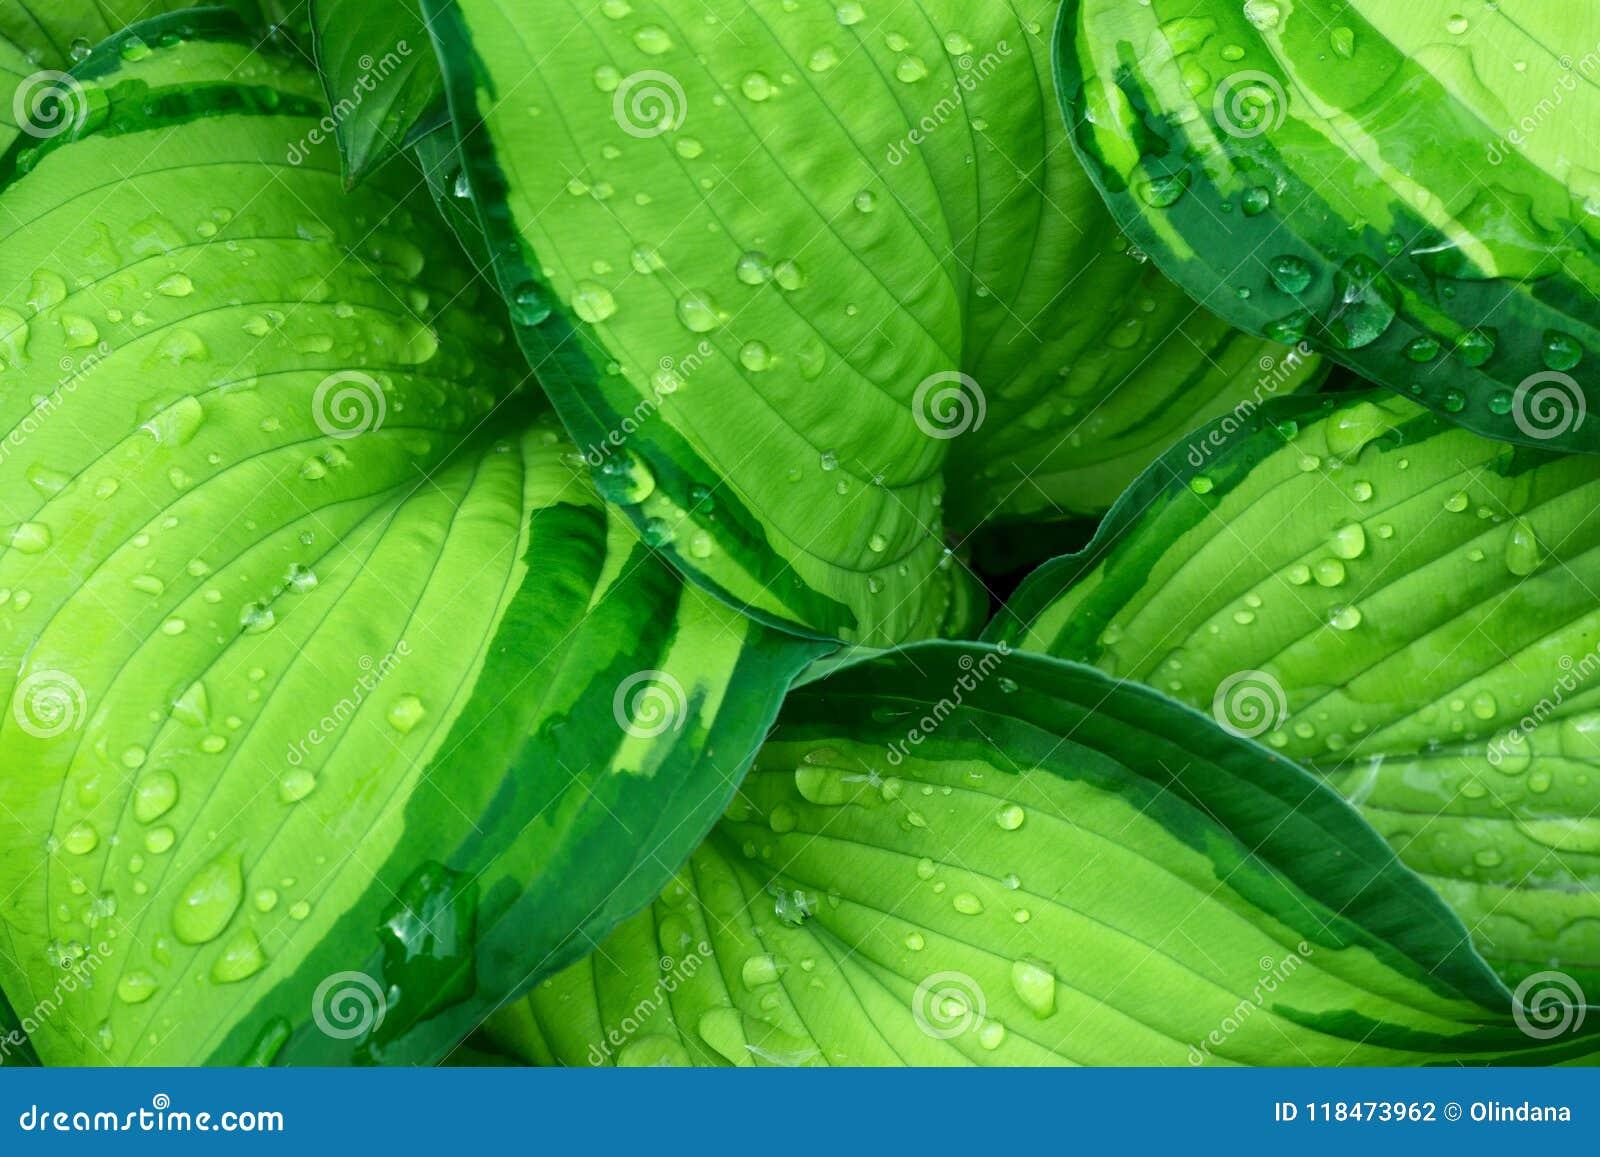 Feuilles vertes fraîches d usine de Hosta après pluie avec des baisses de l eau Fond botanique de nature de feuillage Calibre d a